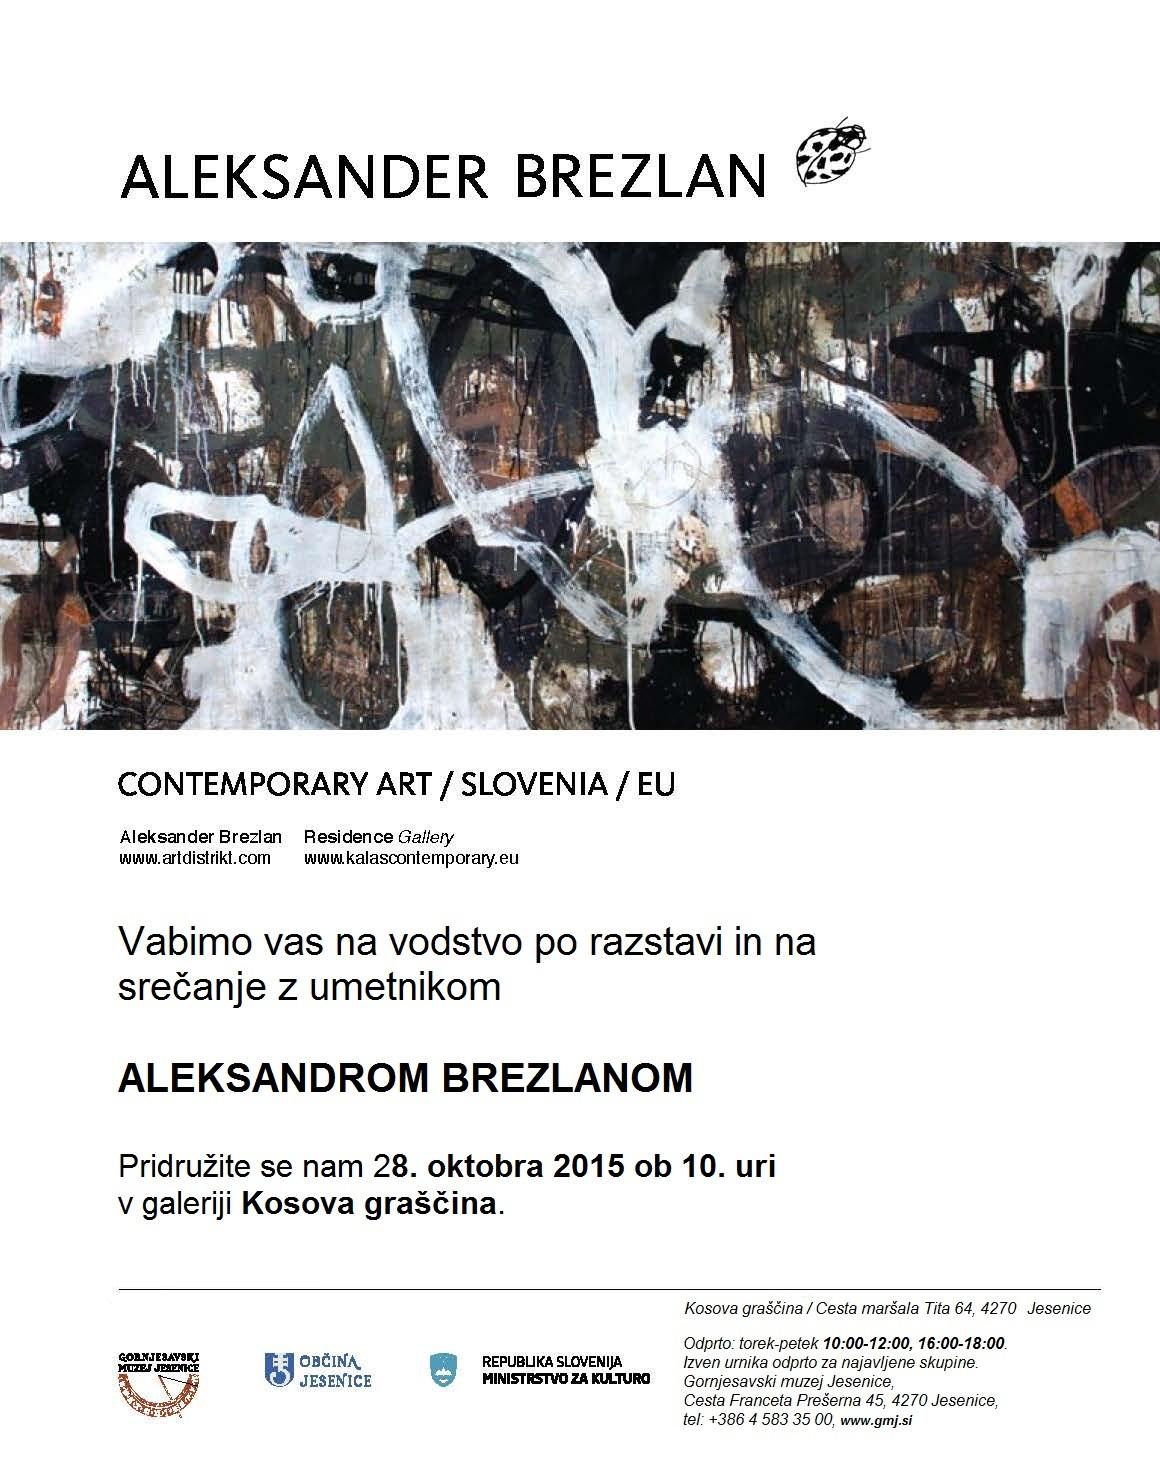 Aleksander Brezlan, Aljaž Pogačnik, Kosova graščina, Jesenice, Art, Gornjesavski muzej, Upper Sava vally museum